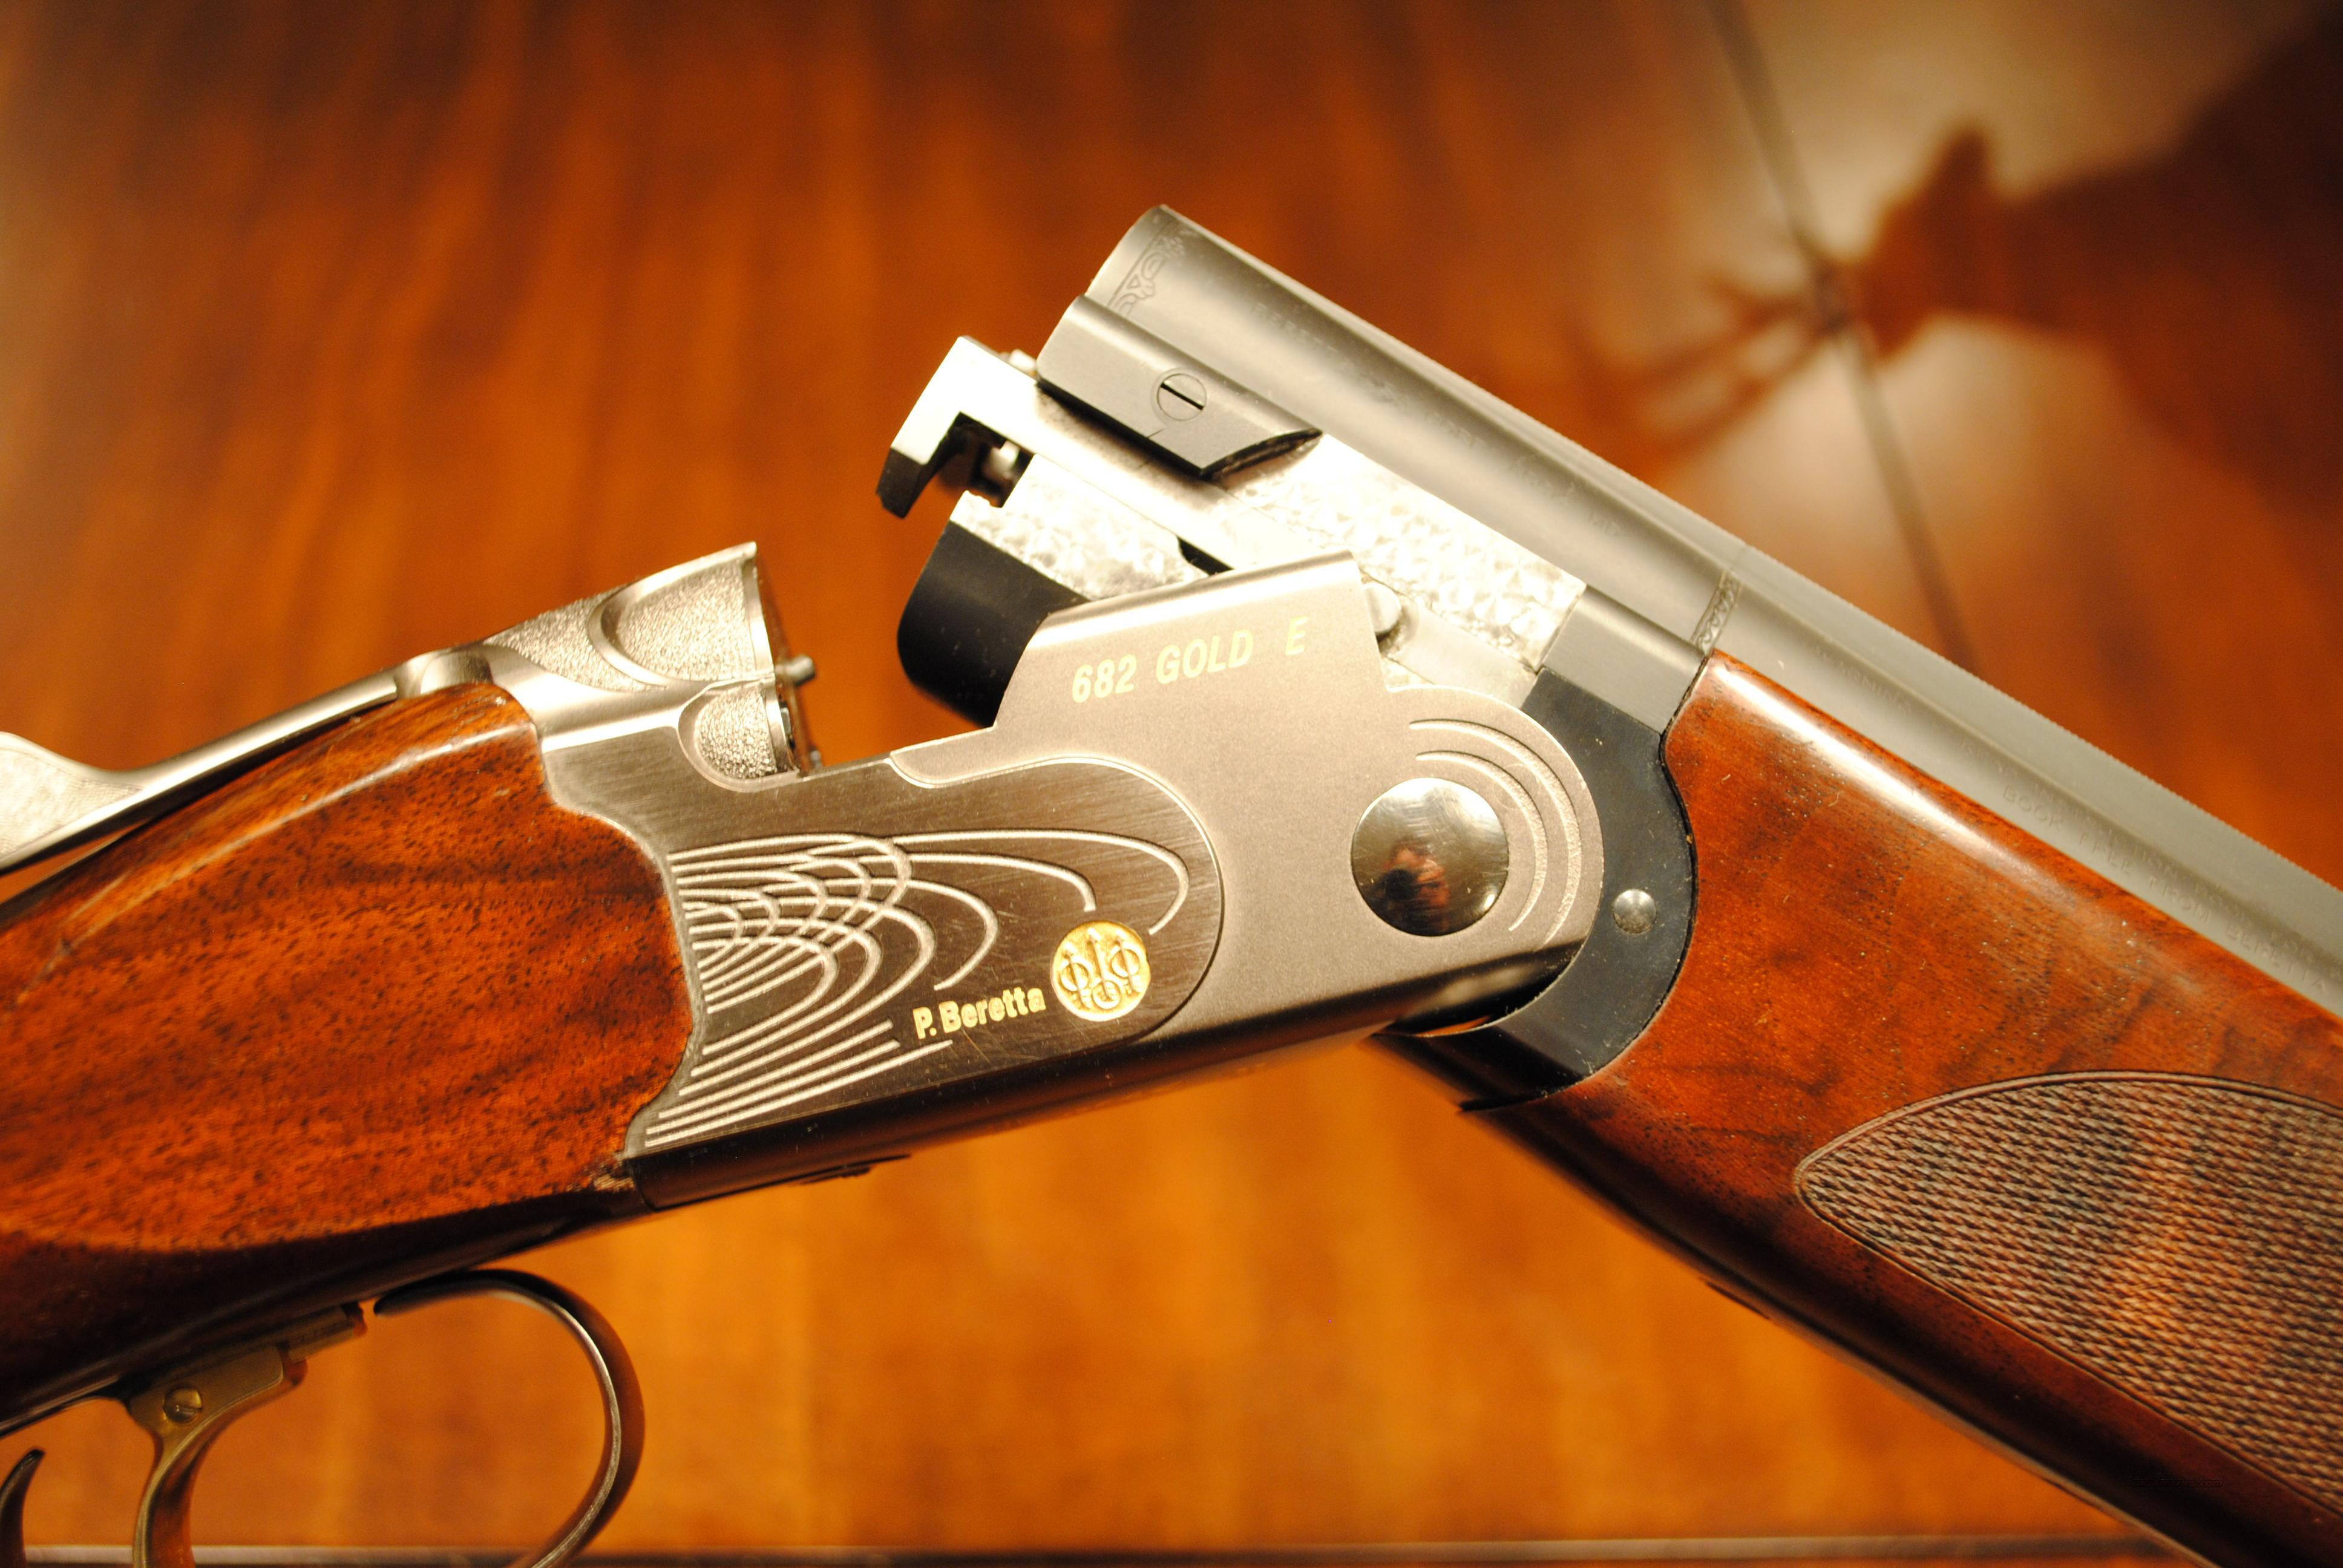 REDUCED Beretta 682 Gold E 20 GAUGE Sporting Guns Shotguns